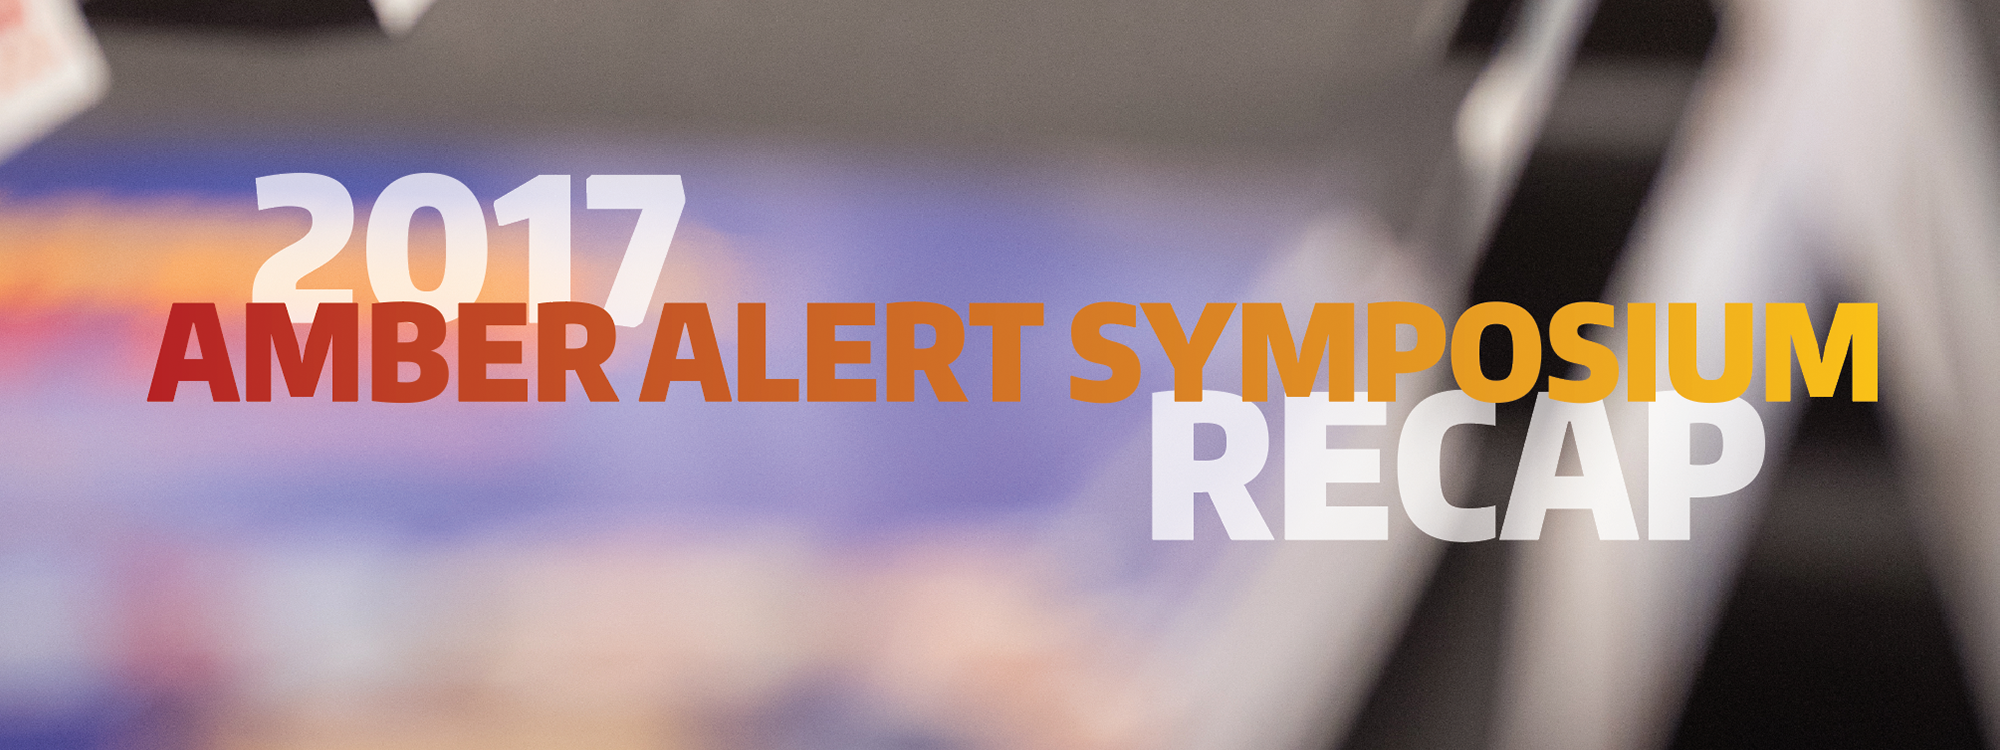 2017 AMBER Alert symposium recap